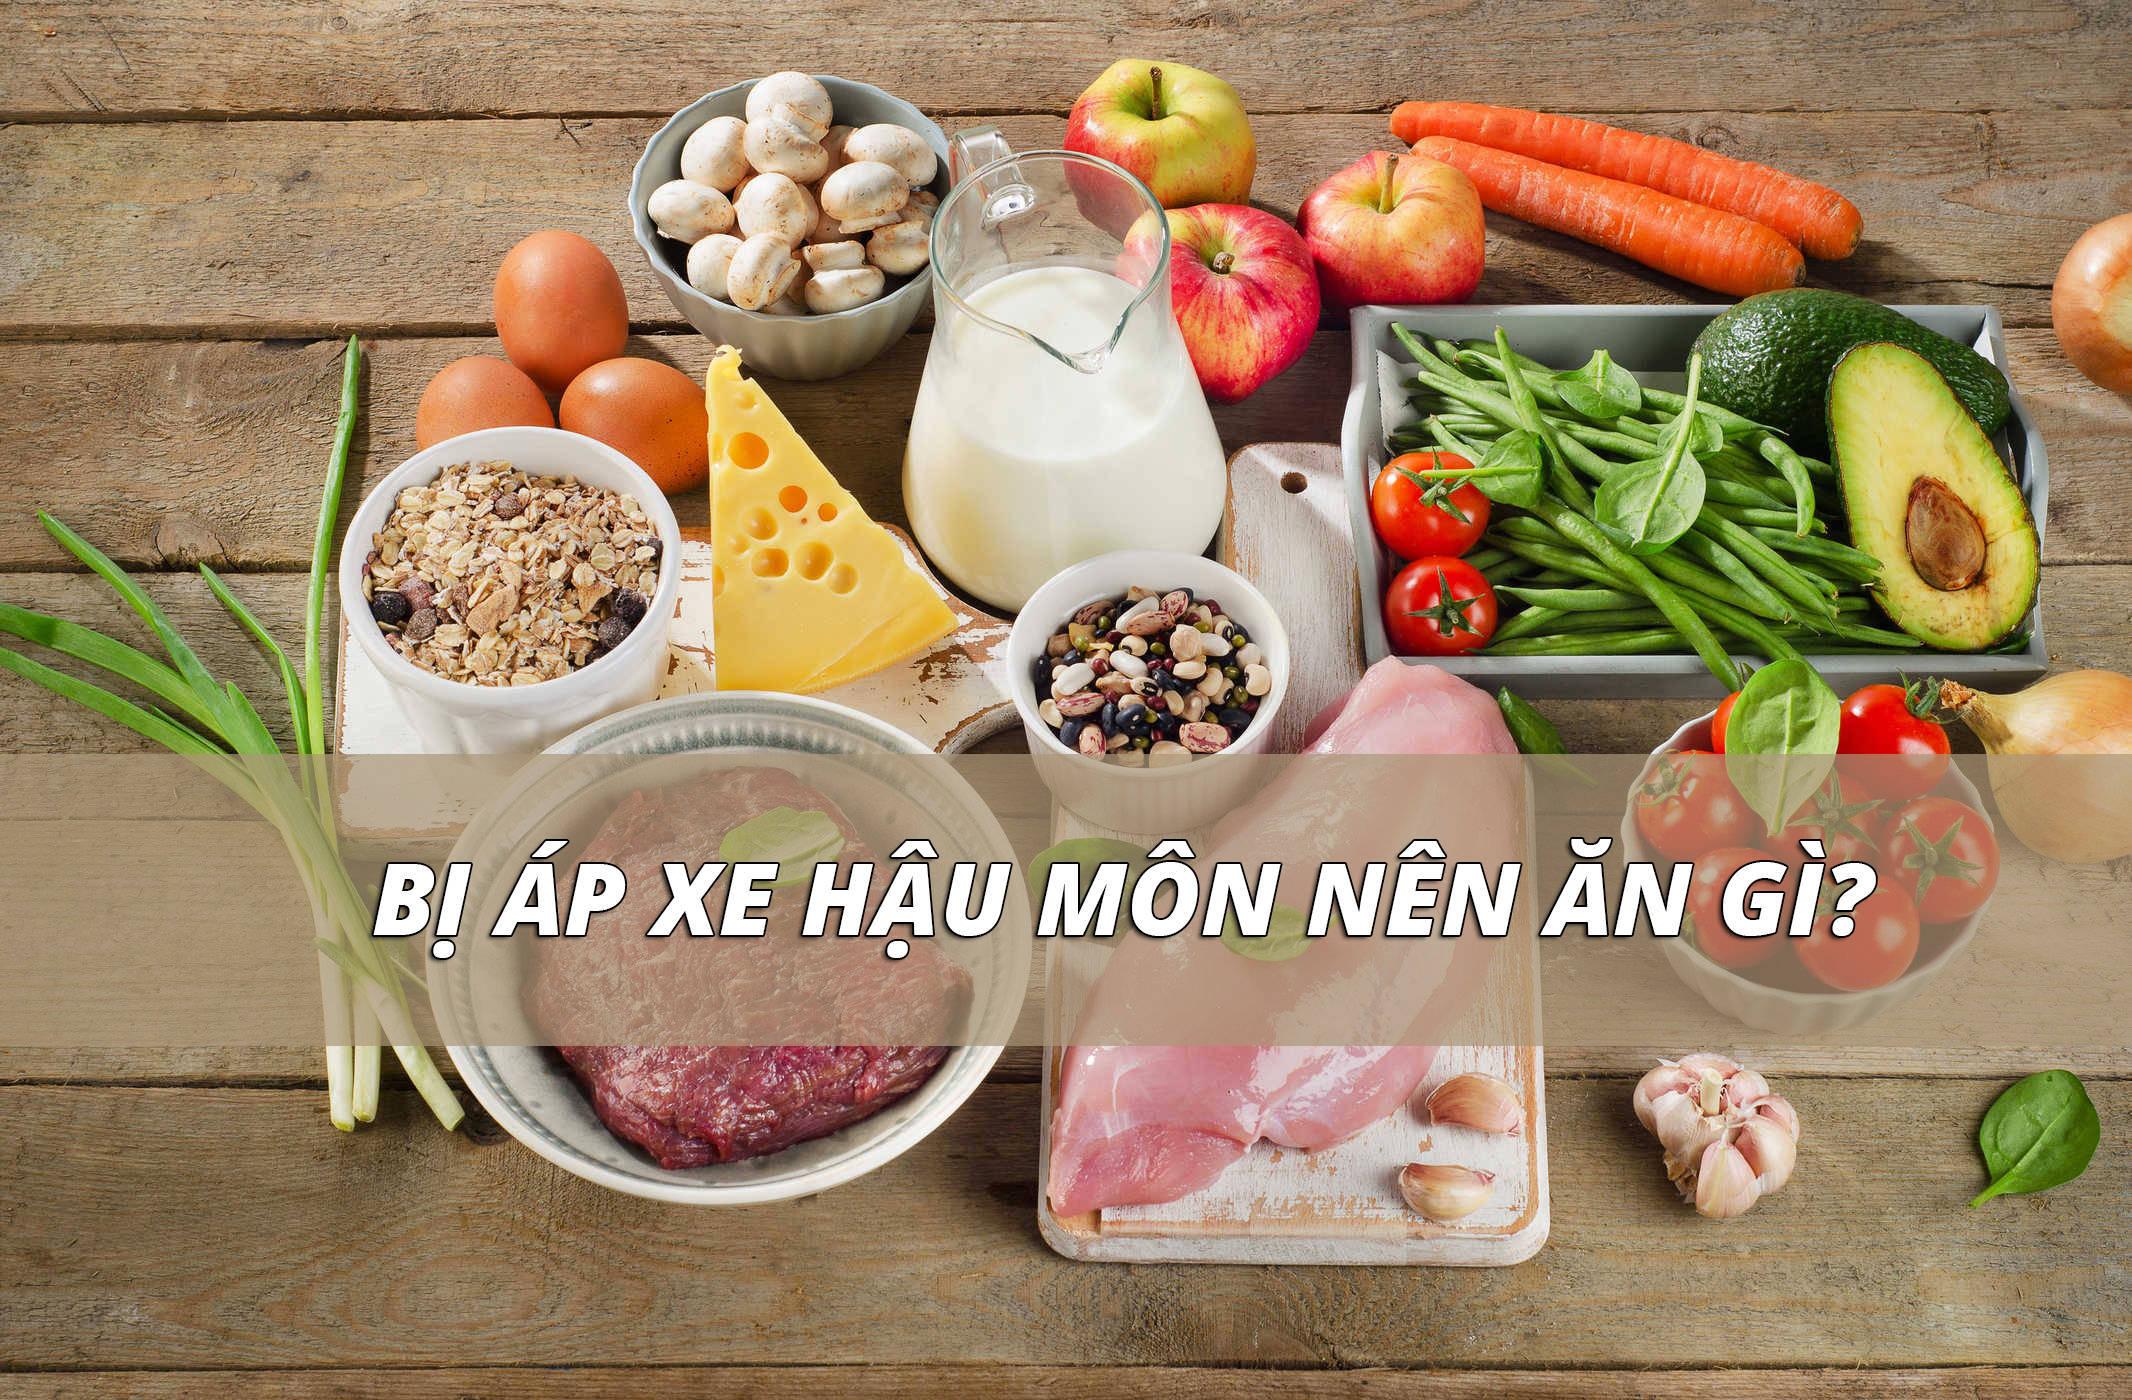 bị áp xe hậu môn nên ăn gì?